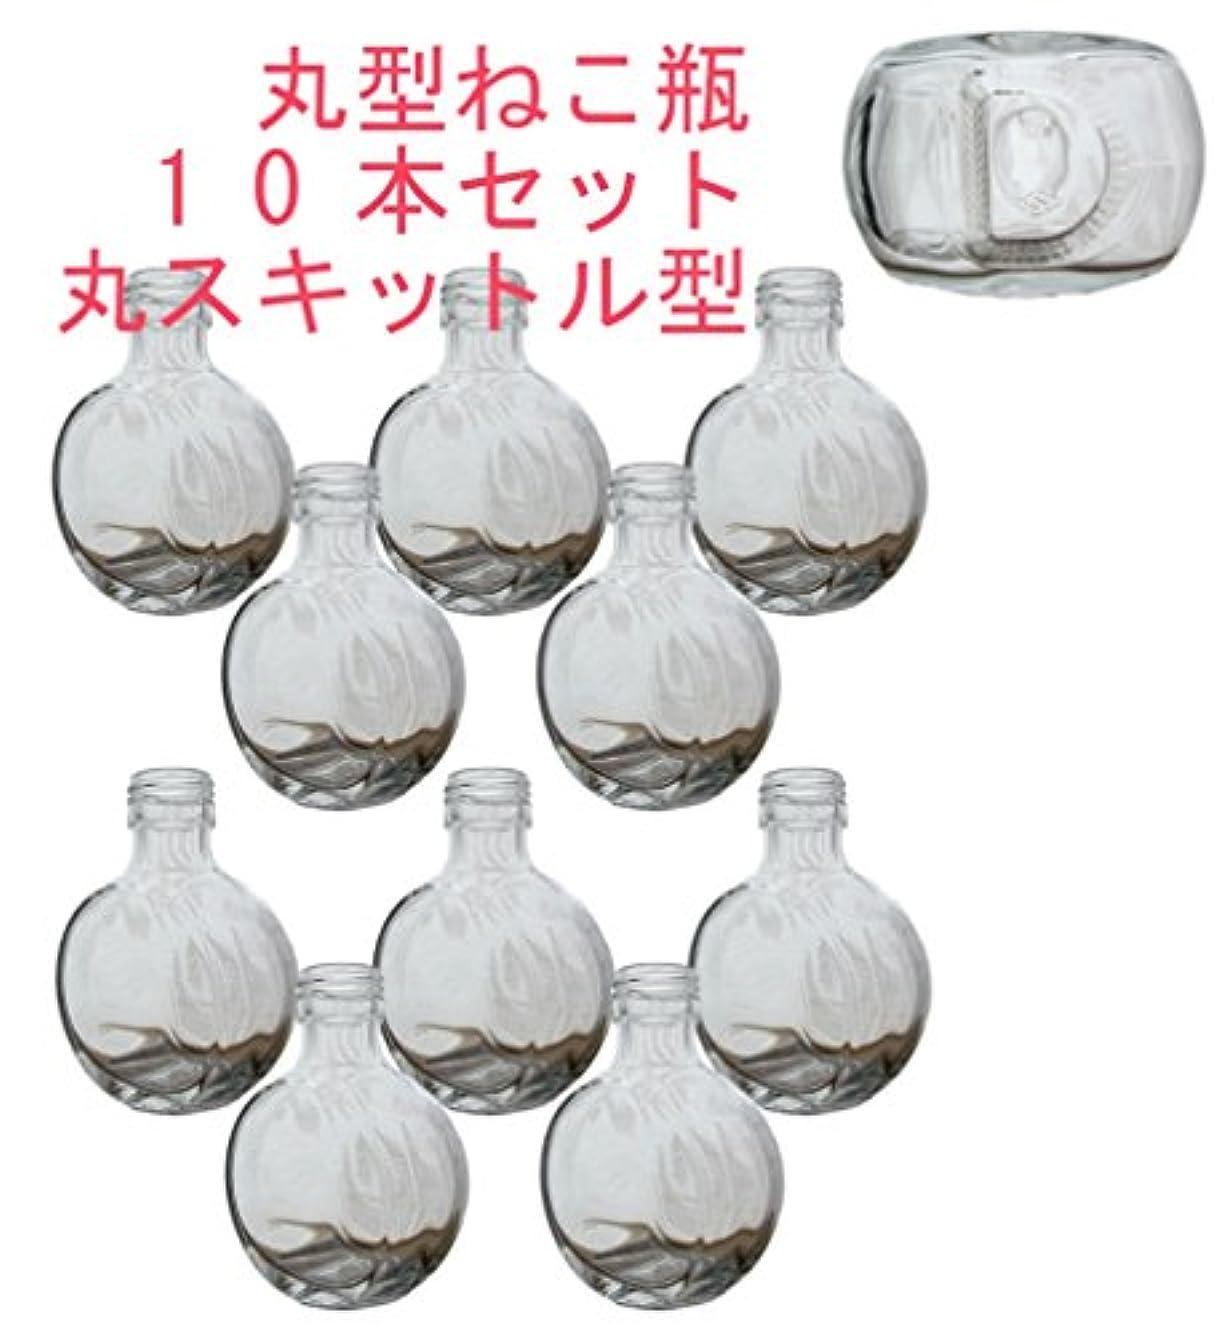 滞在理解するゴールデン(ジャストユーズ)JustU's 日本製 キャップ?中栓付きガラス瓶 ねこ瓶 丸スキットル 丸瓶 10本セット 150cc 150ml アロマディフューザー ハーバリウム 調味料 オイル タレ ドレッシング瓶 ポリ栓付き B10-SSW150A-A